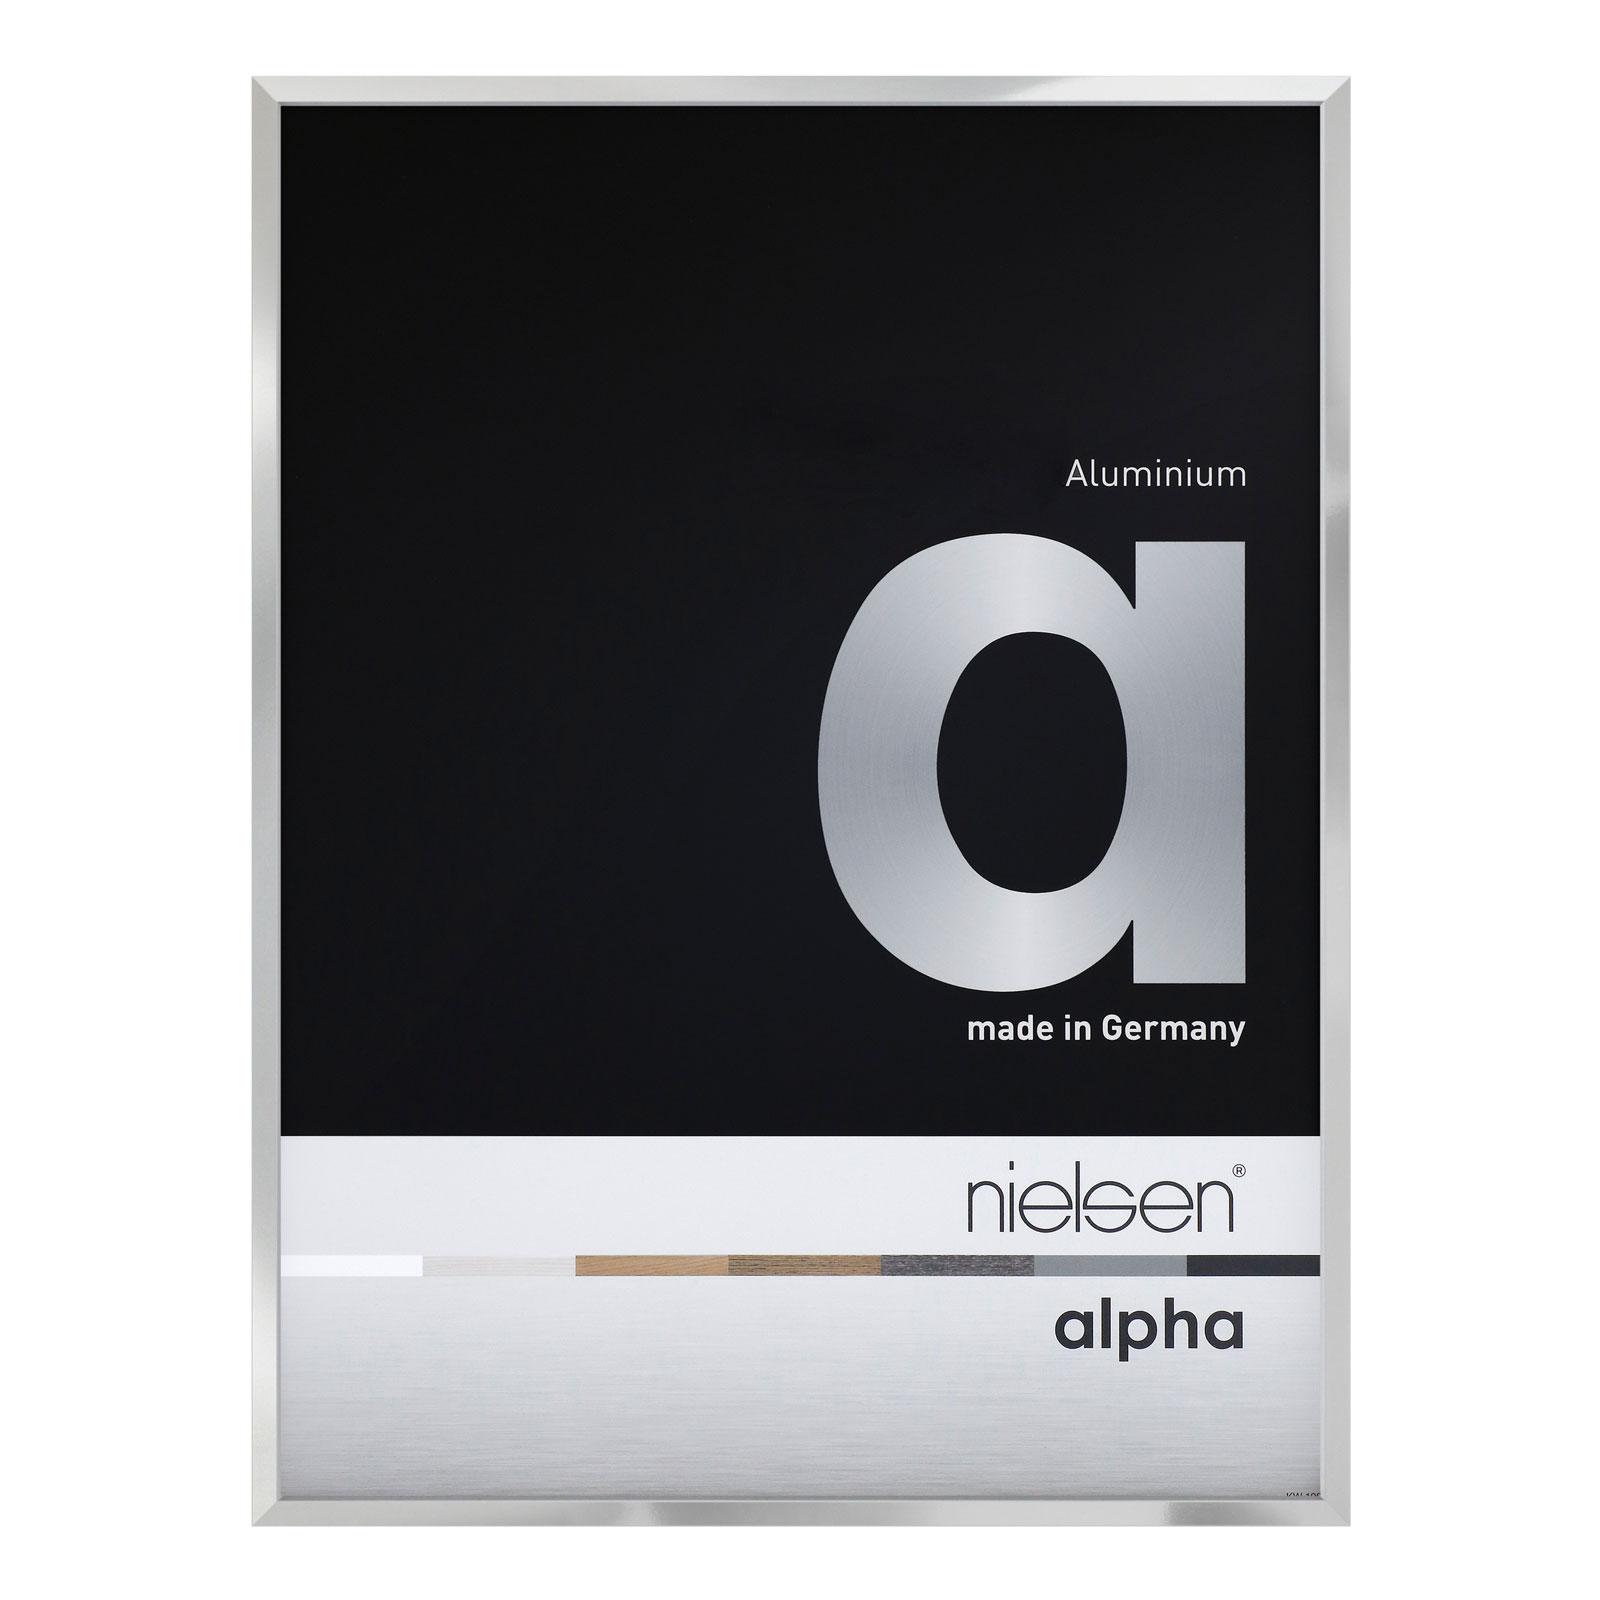 Nielsen Bilderrahmen Alpha Aluminium | Nielsen Bilderrahmen ...